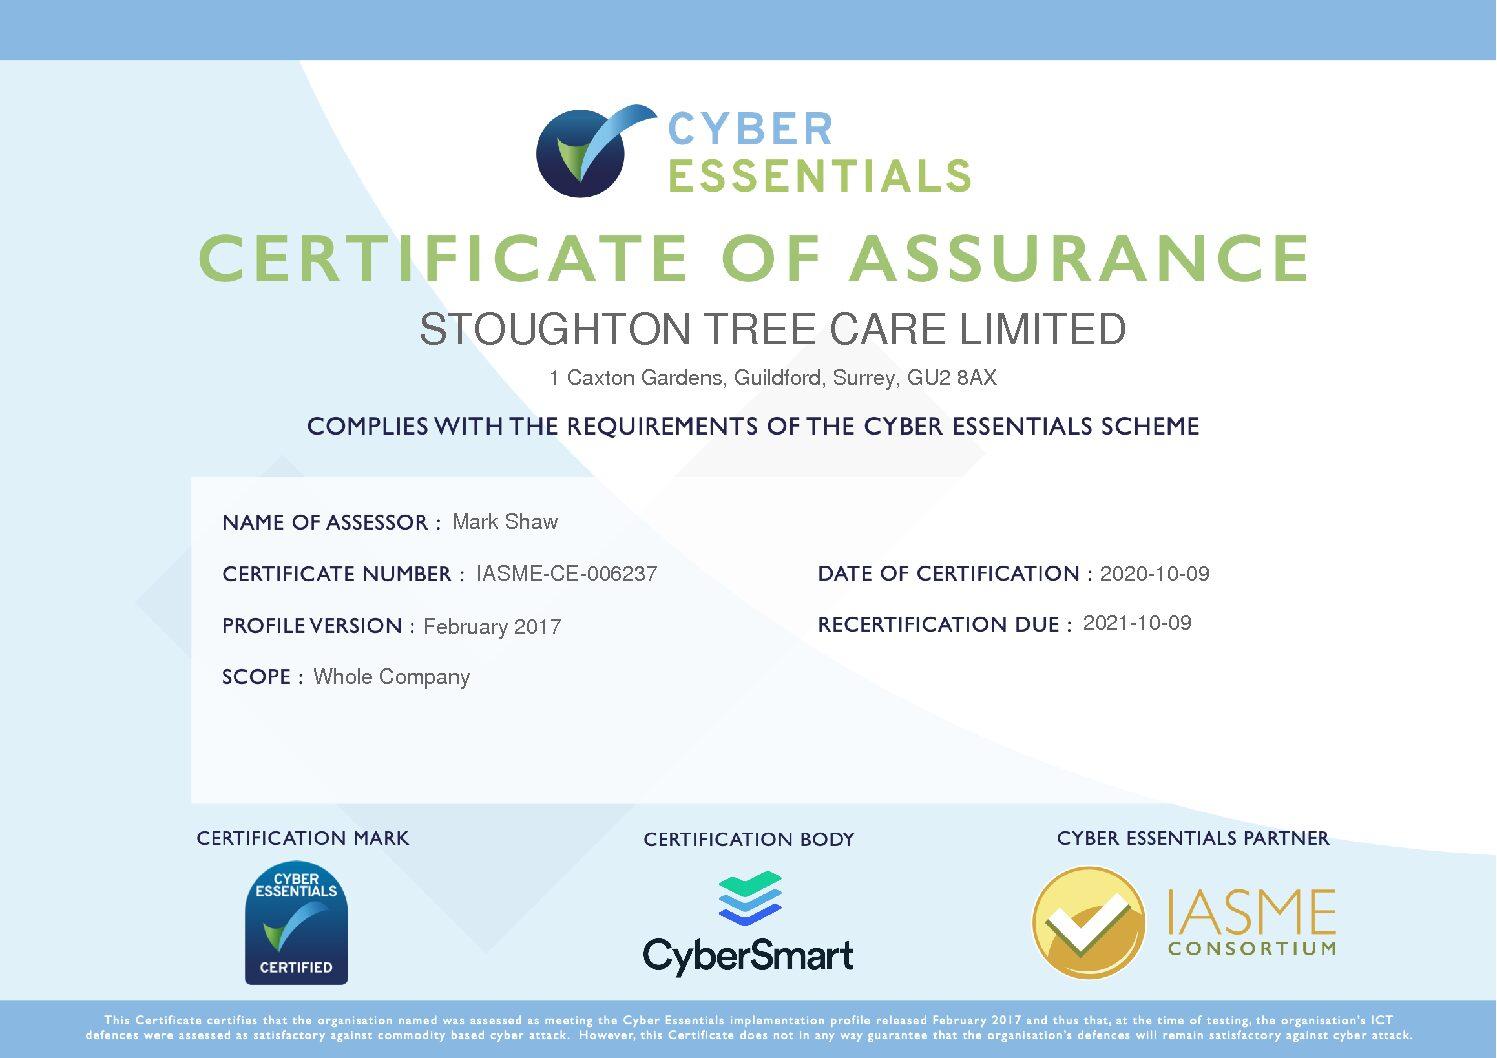 STC Cyber Essentials Certificate